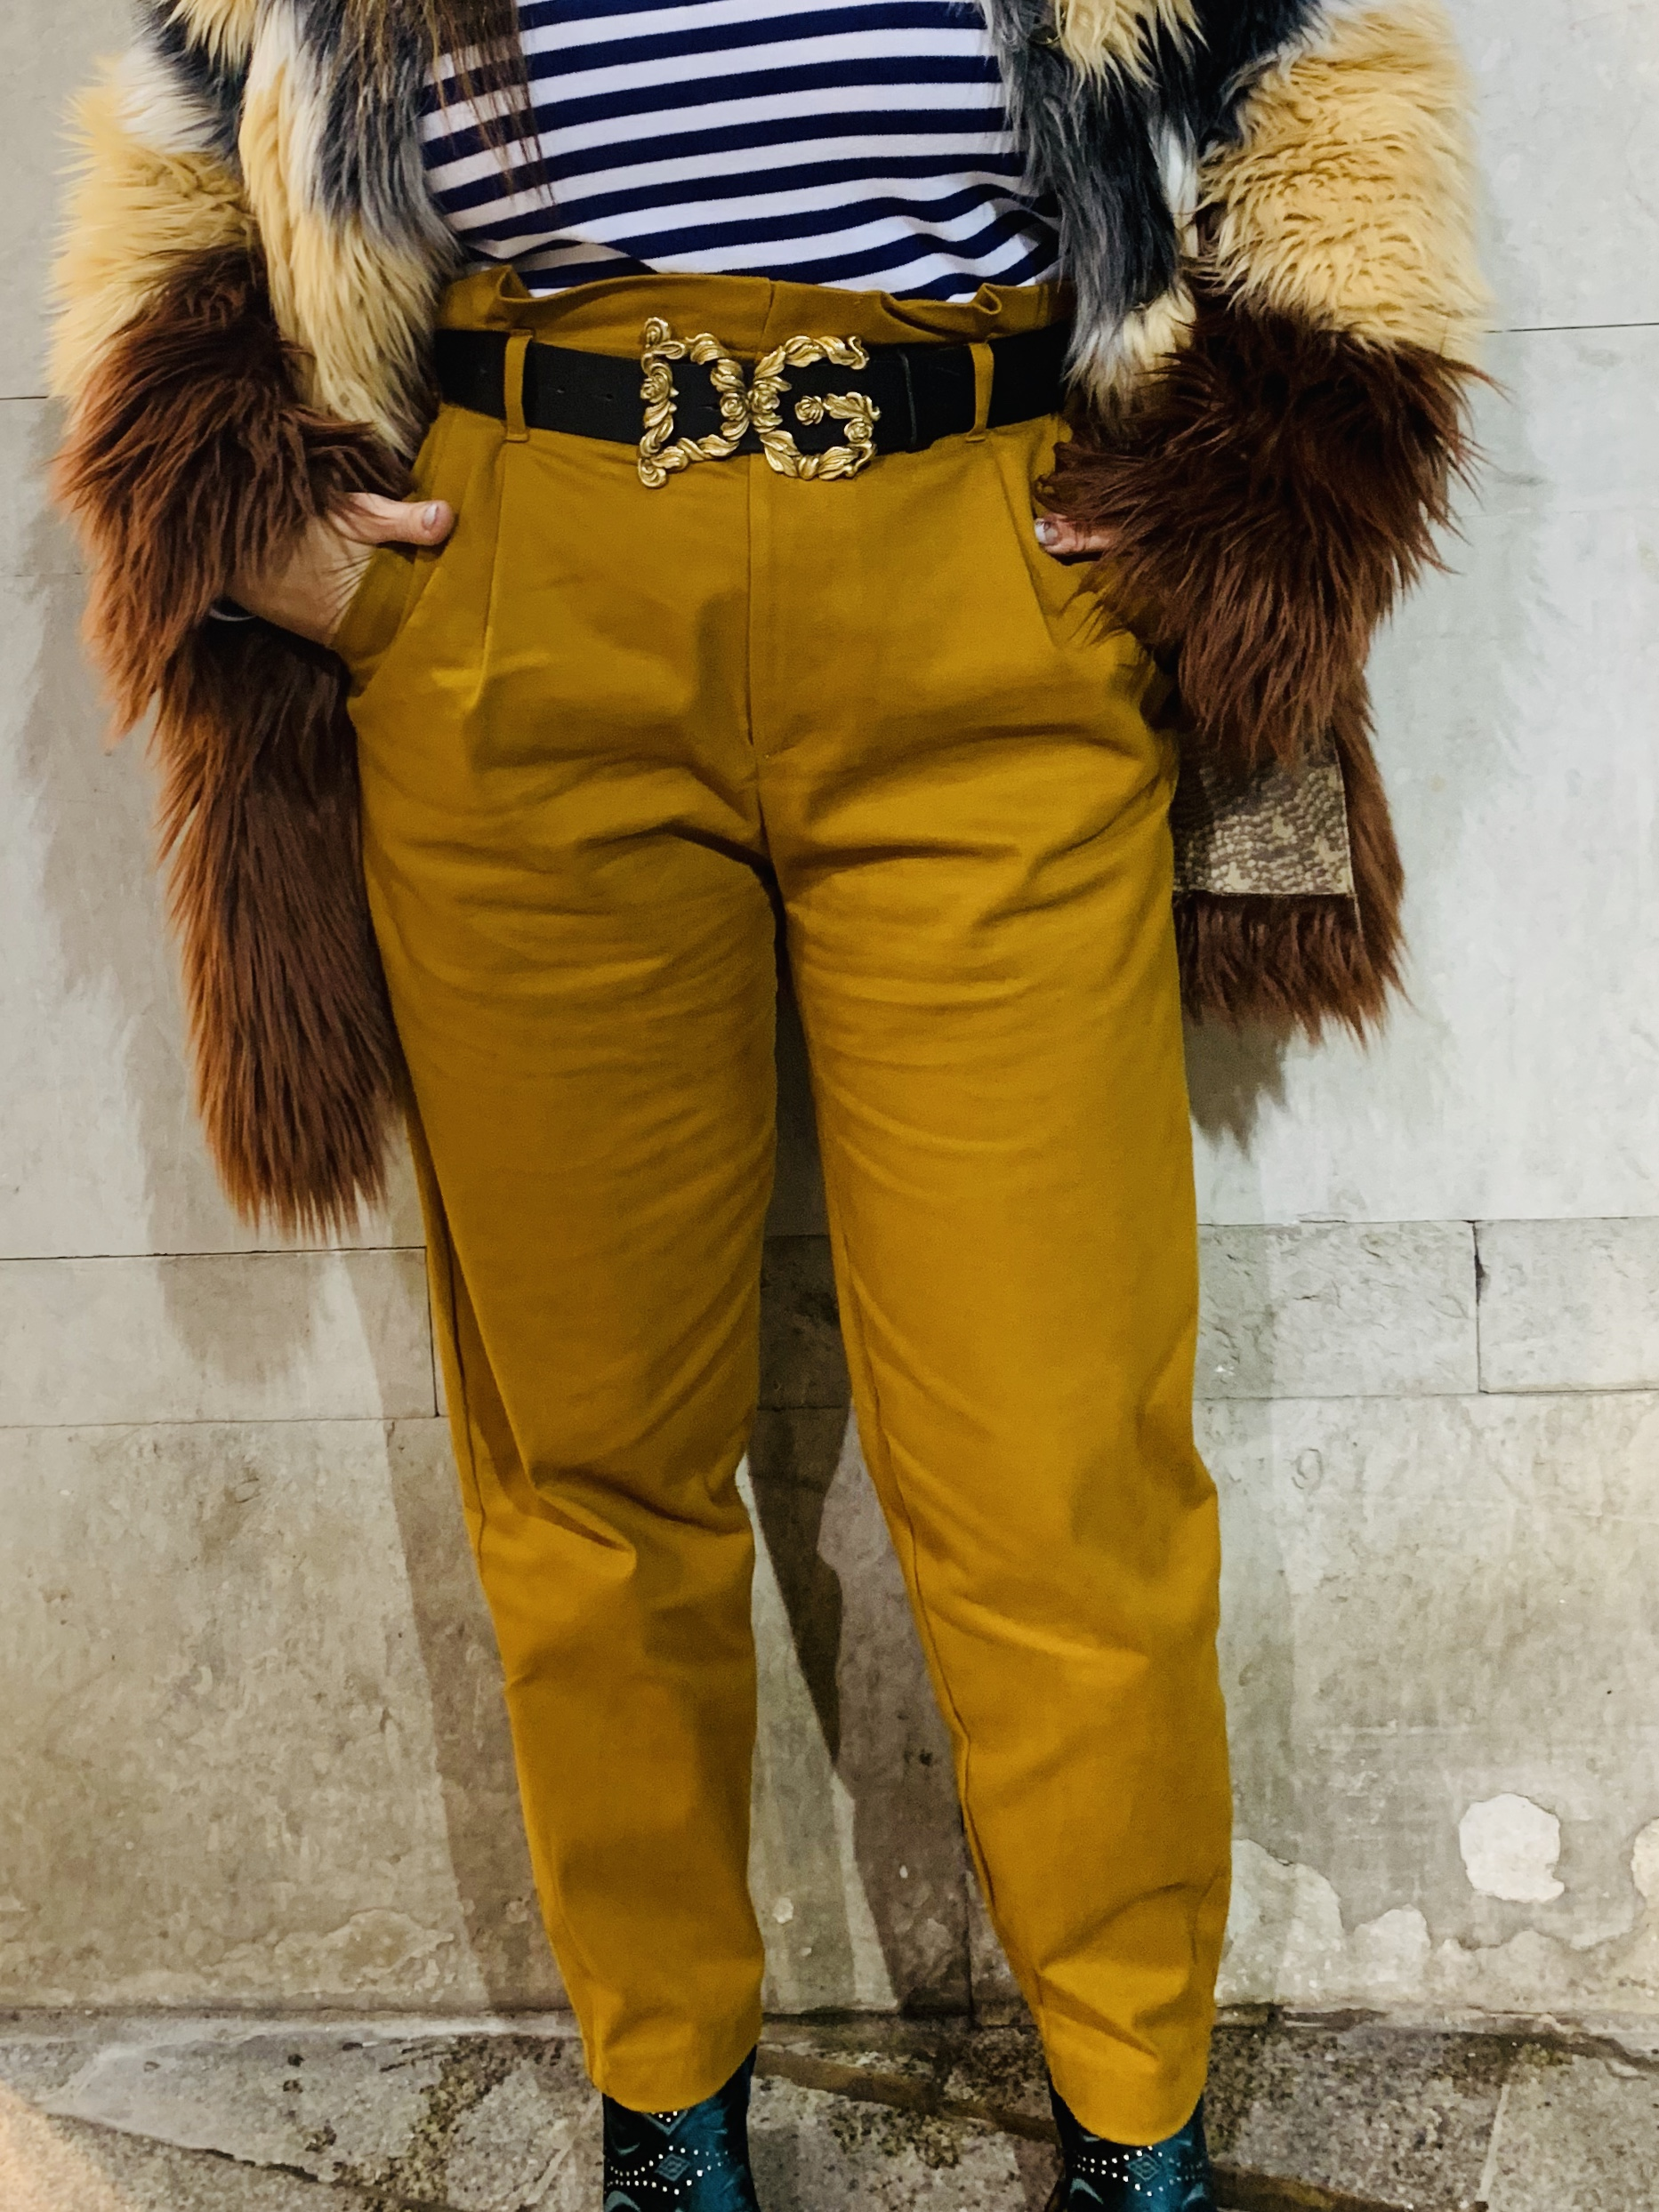 Pantalón-slouchy-tendencia- whynot-shopper-zara-bombacho-consejos-bloggeros-blogger-asesora-imagen